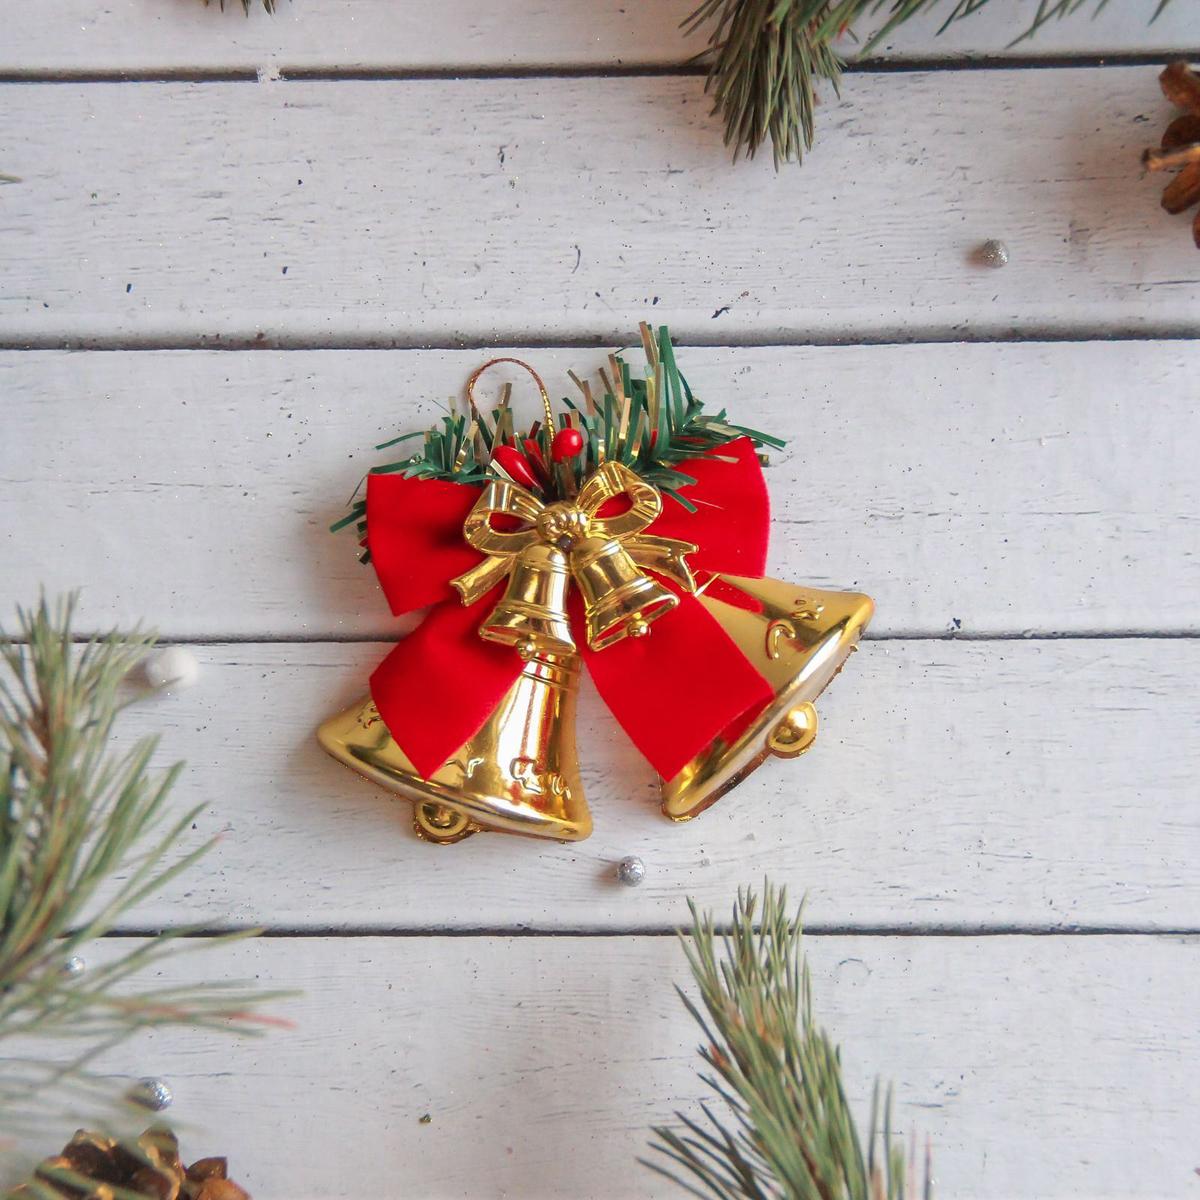 Новогоднее подвесное украшение Sima-land Колокольчики с красным бантом, 8 х 6 см2371282Новогоднее подвесное украшение Sima-land отлично подойдет для декорации вашего дома и новогодней ели. Новогоднее украшение можно повесить в любом понравившемся вам месте. Но, конечно, удачнее всего оно будет смотреться на праздничной елке.Елочная игрушка - символ Нового года. Она несет в себе волшебство и красоту праздника. Такое украшение создаст в вашем доме атмосферу праздника, веселья и радости.